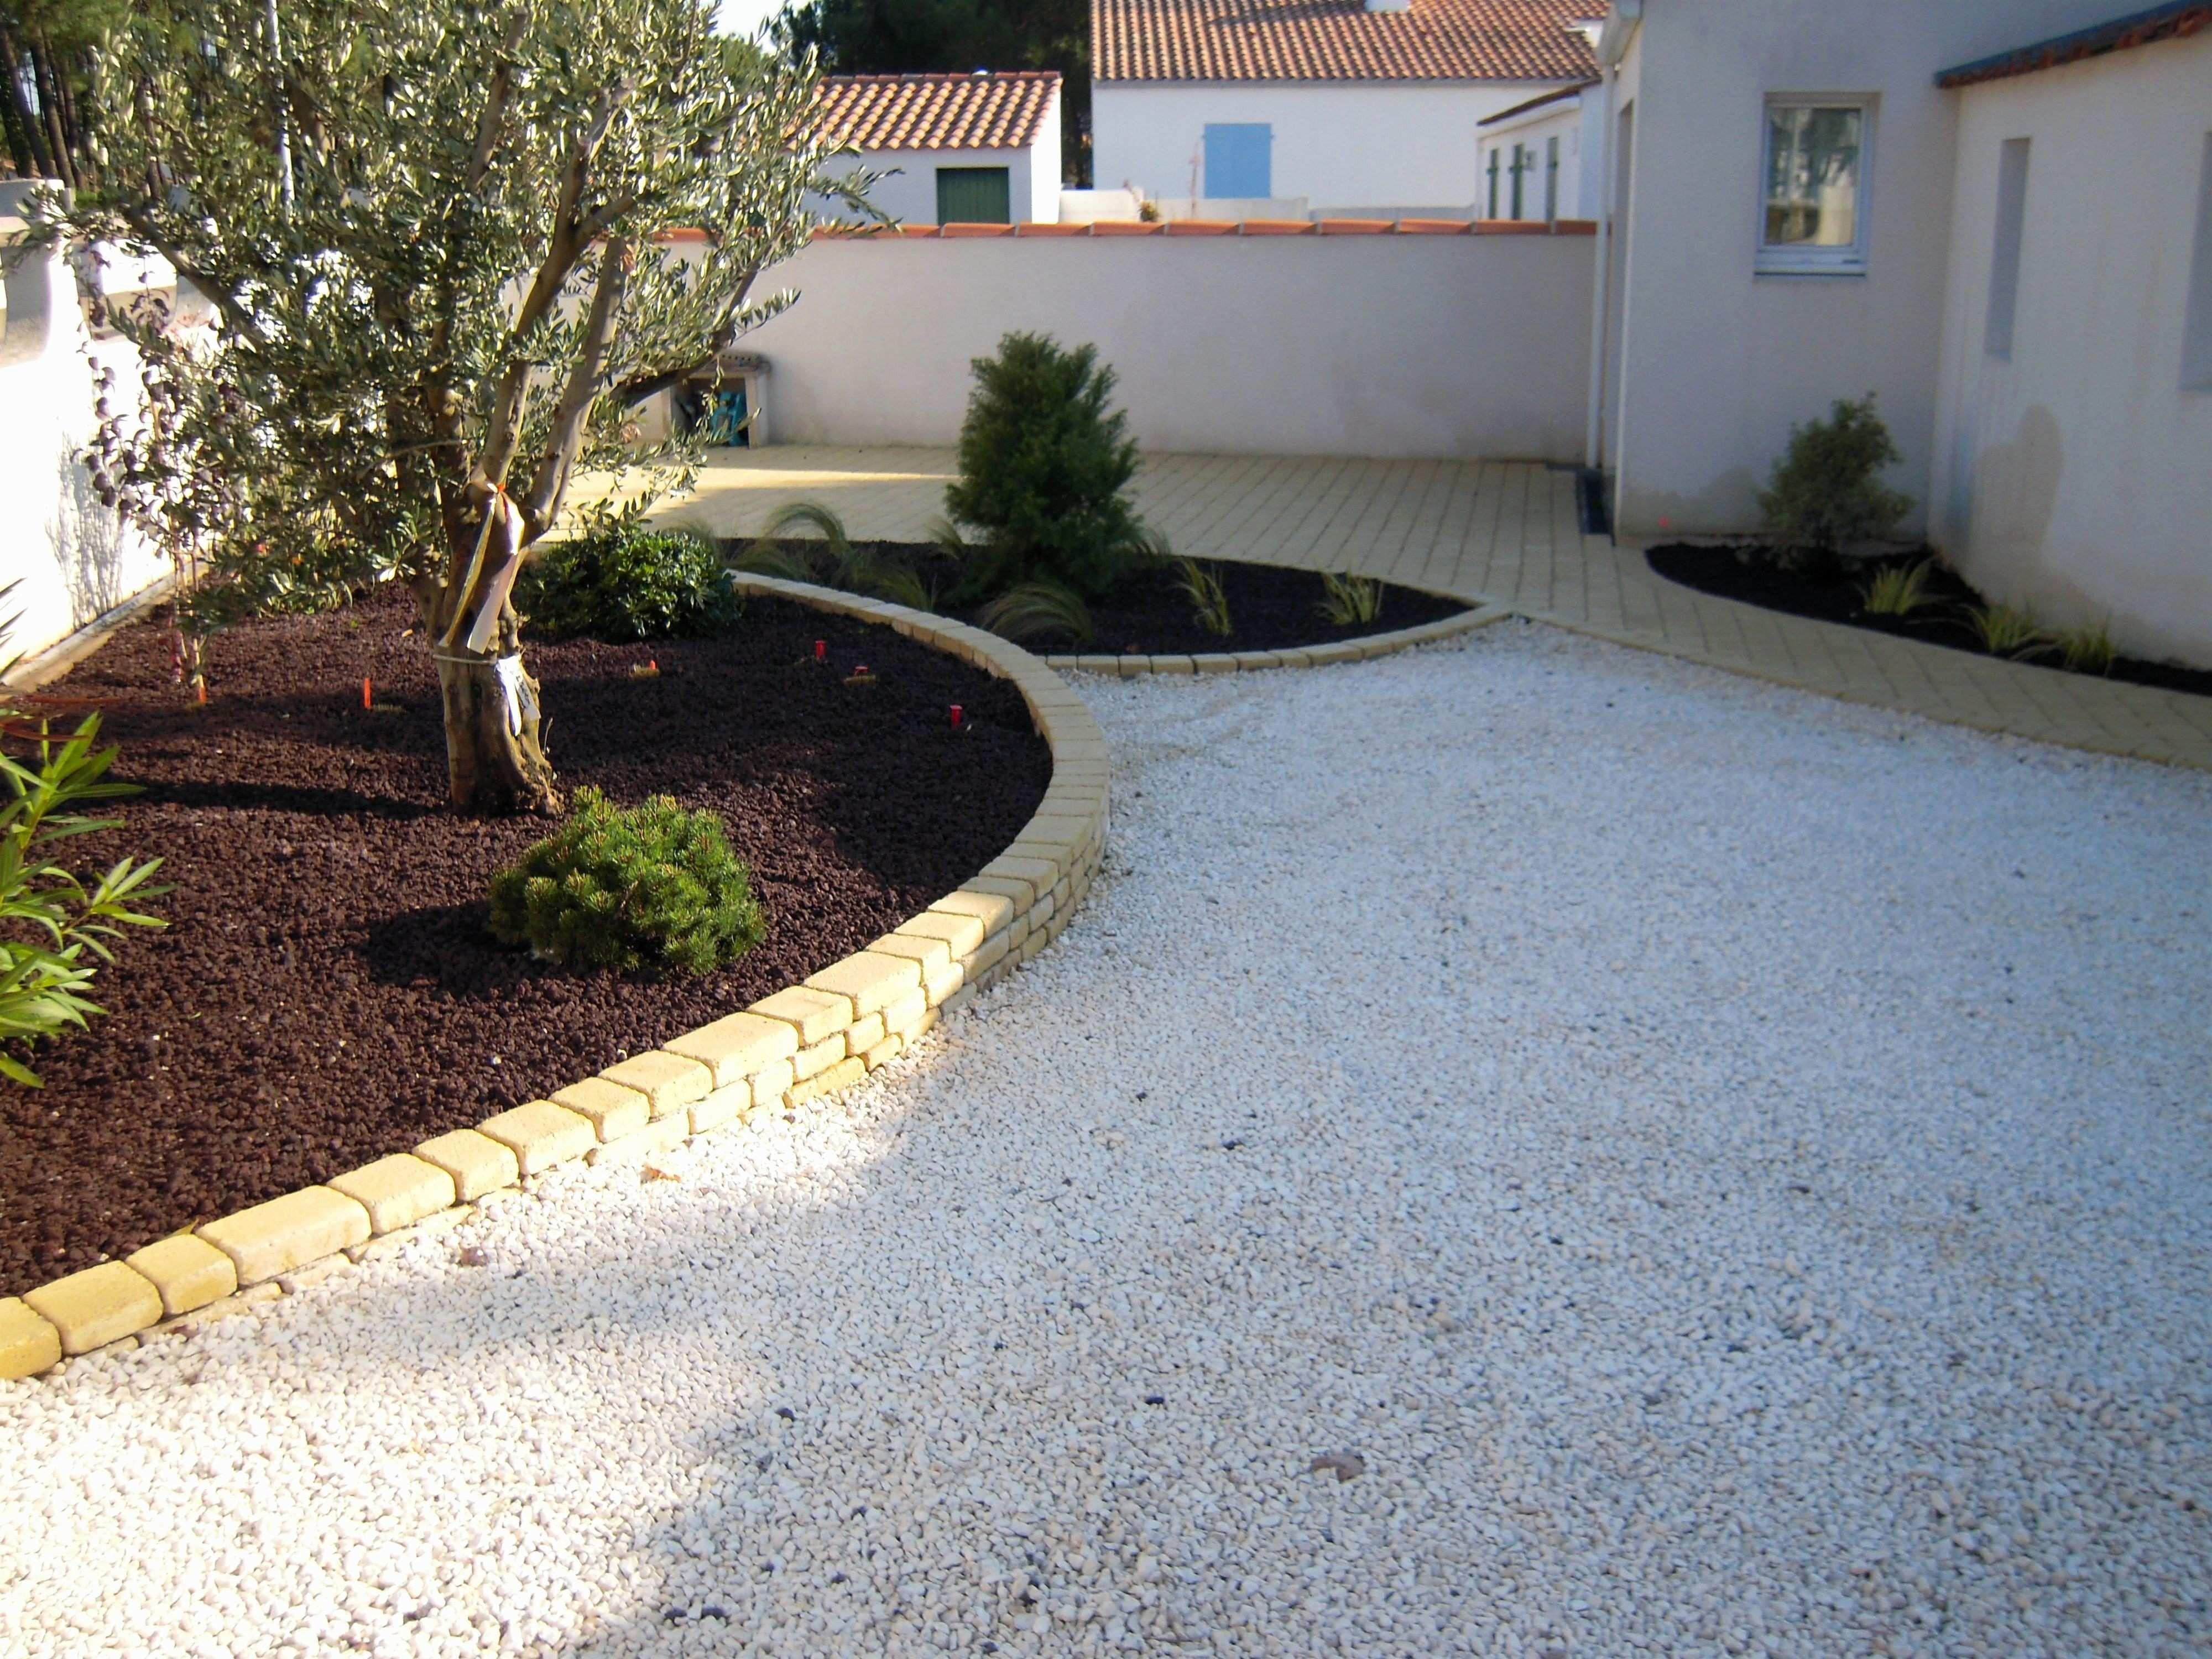 Cailloux Blanc Jardin Inspirational Allee De Jardin En Cailloux Gravier Pour Jardin Luxury Jardin Terrasse Gravier Amenagement Paysager De Cour Jardin En Pente